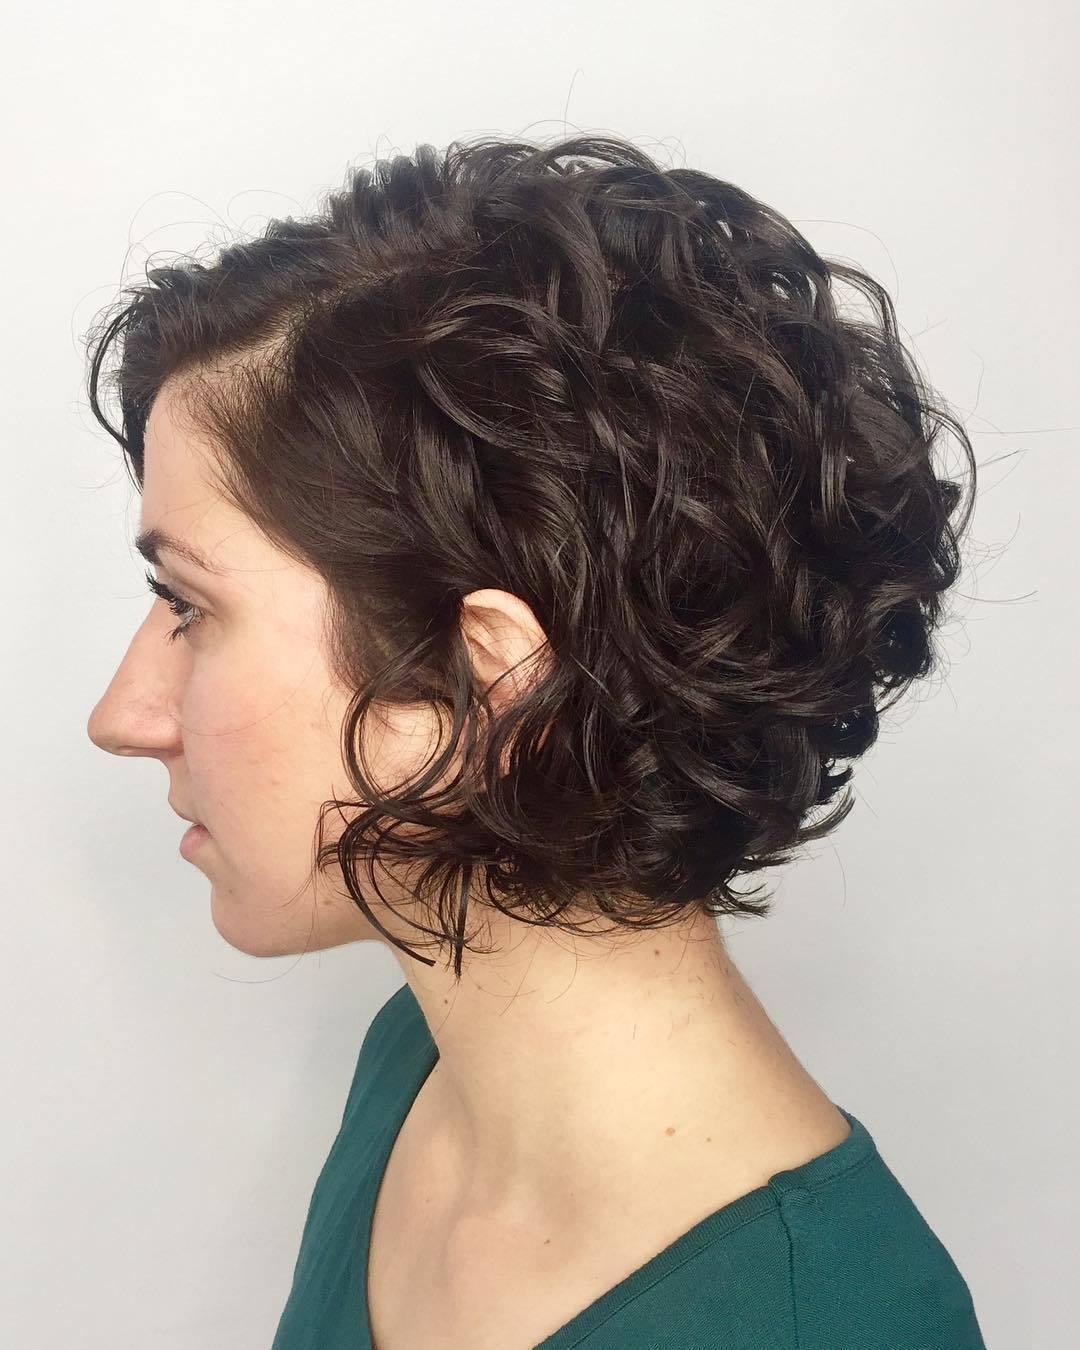 Coiffure au carré diplômée : Femme avec une coupe de cheveux bouclée brun foncé dans un studio